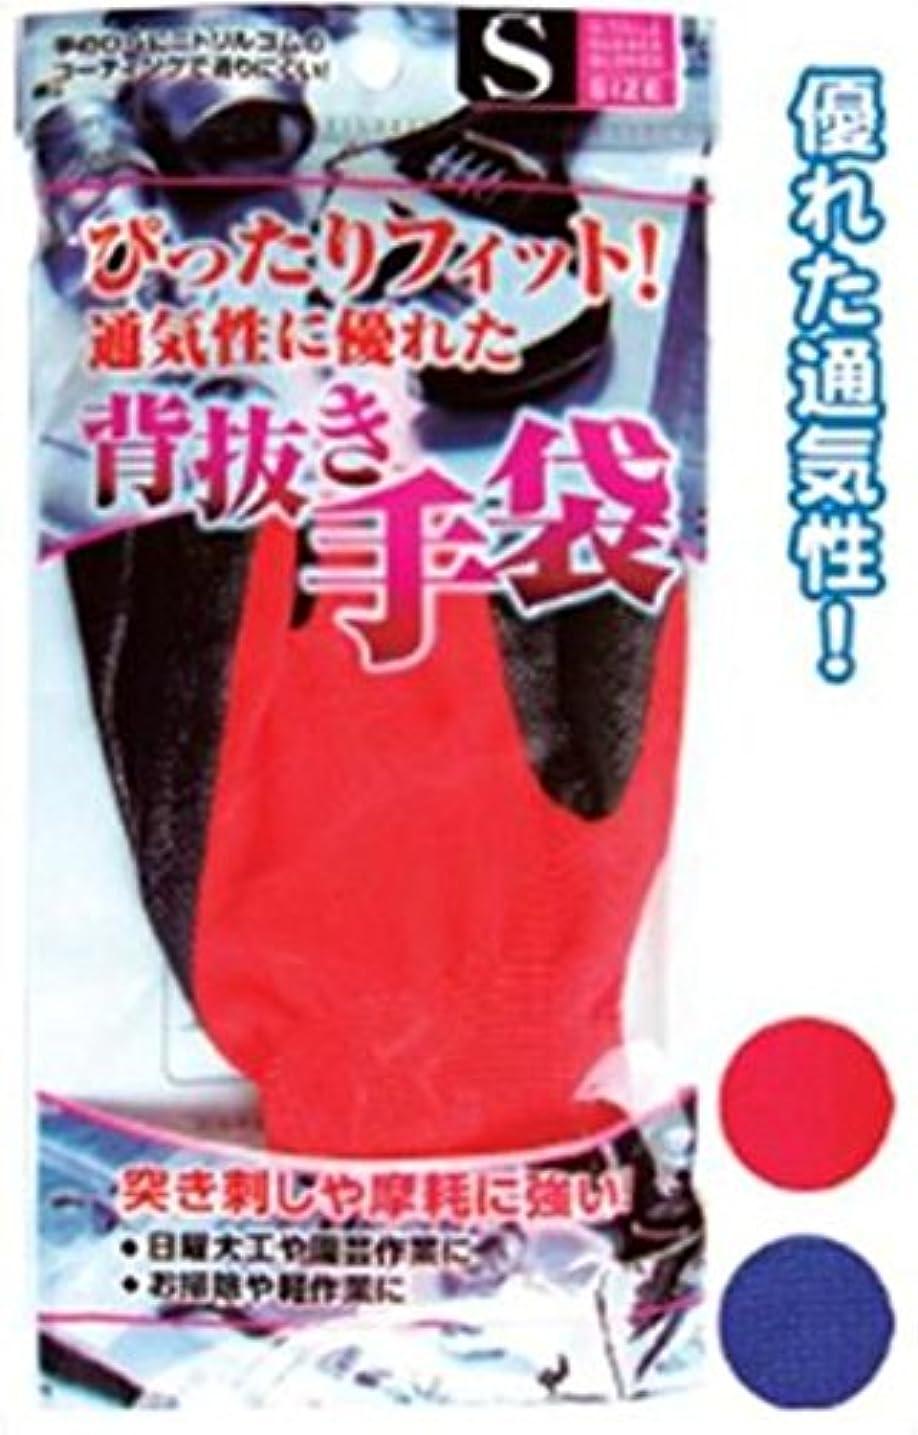 遺体安置所重要ドットぴったりFit滑りにくいニトリルゴム背抜手袋(S) 45-663 【まとめ買い12個セット】